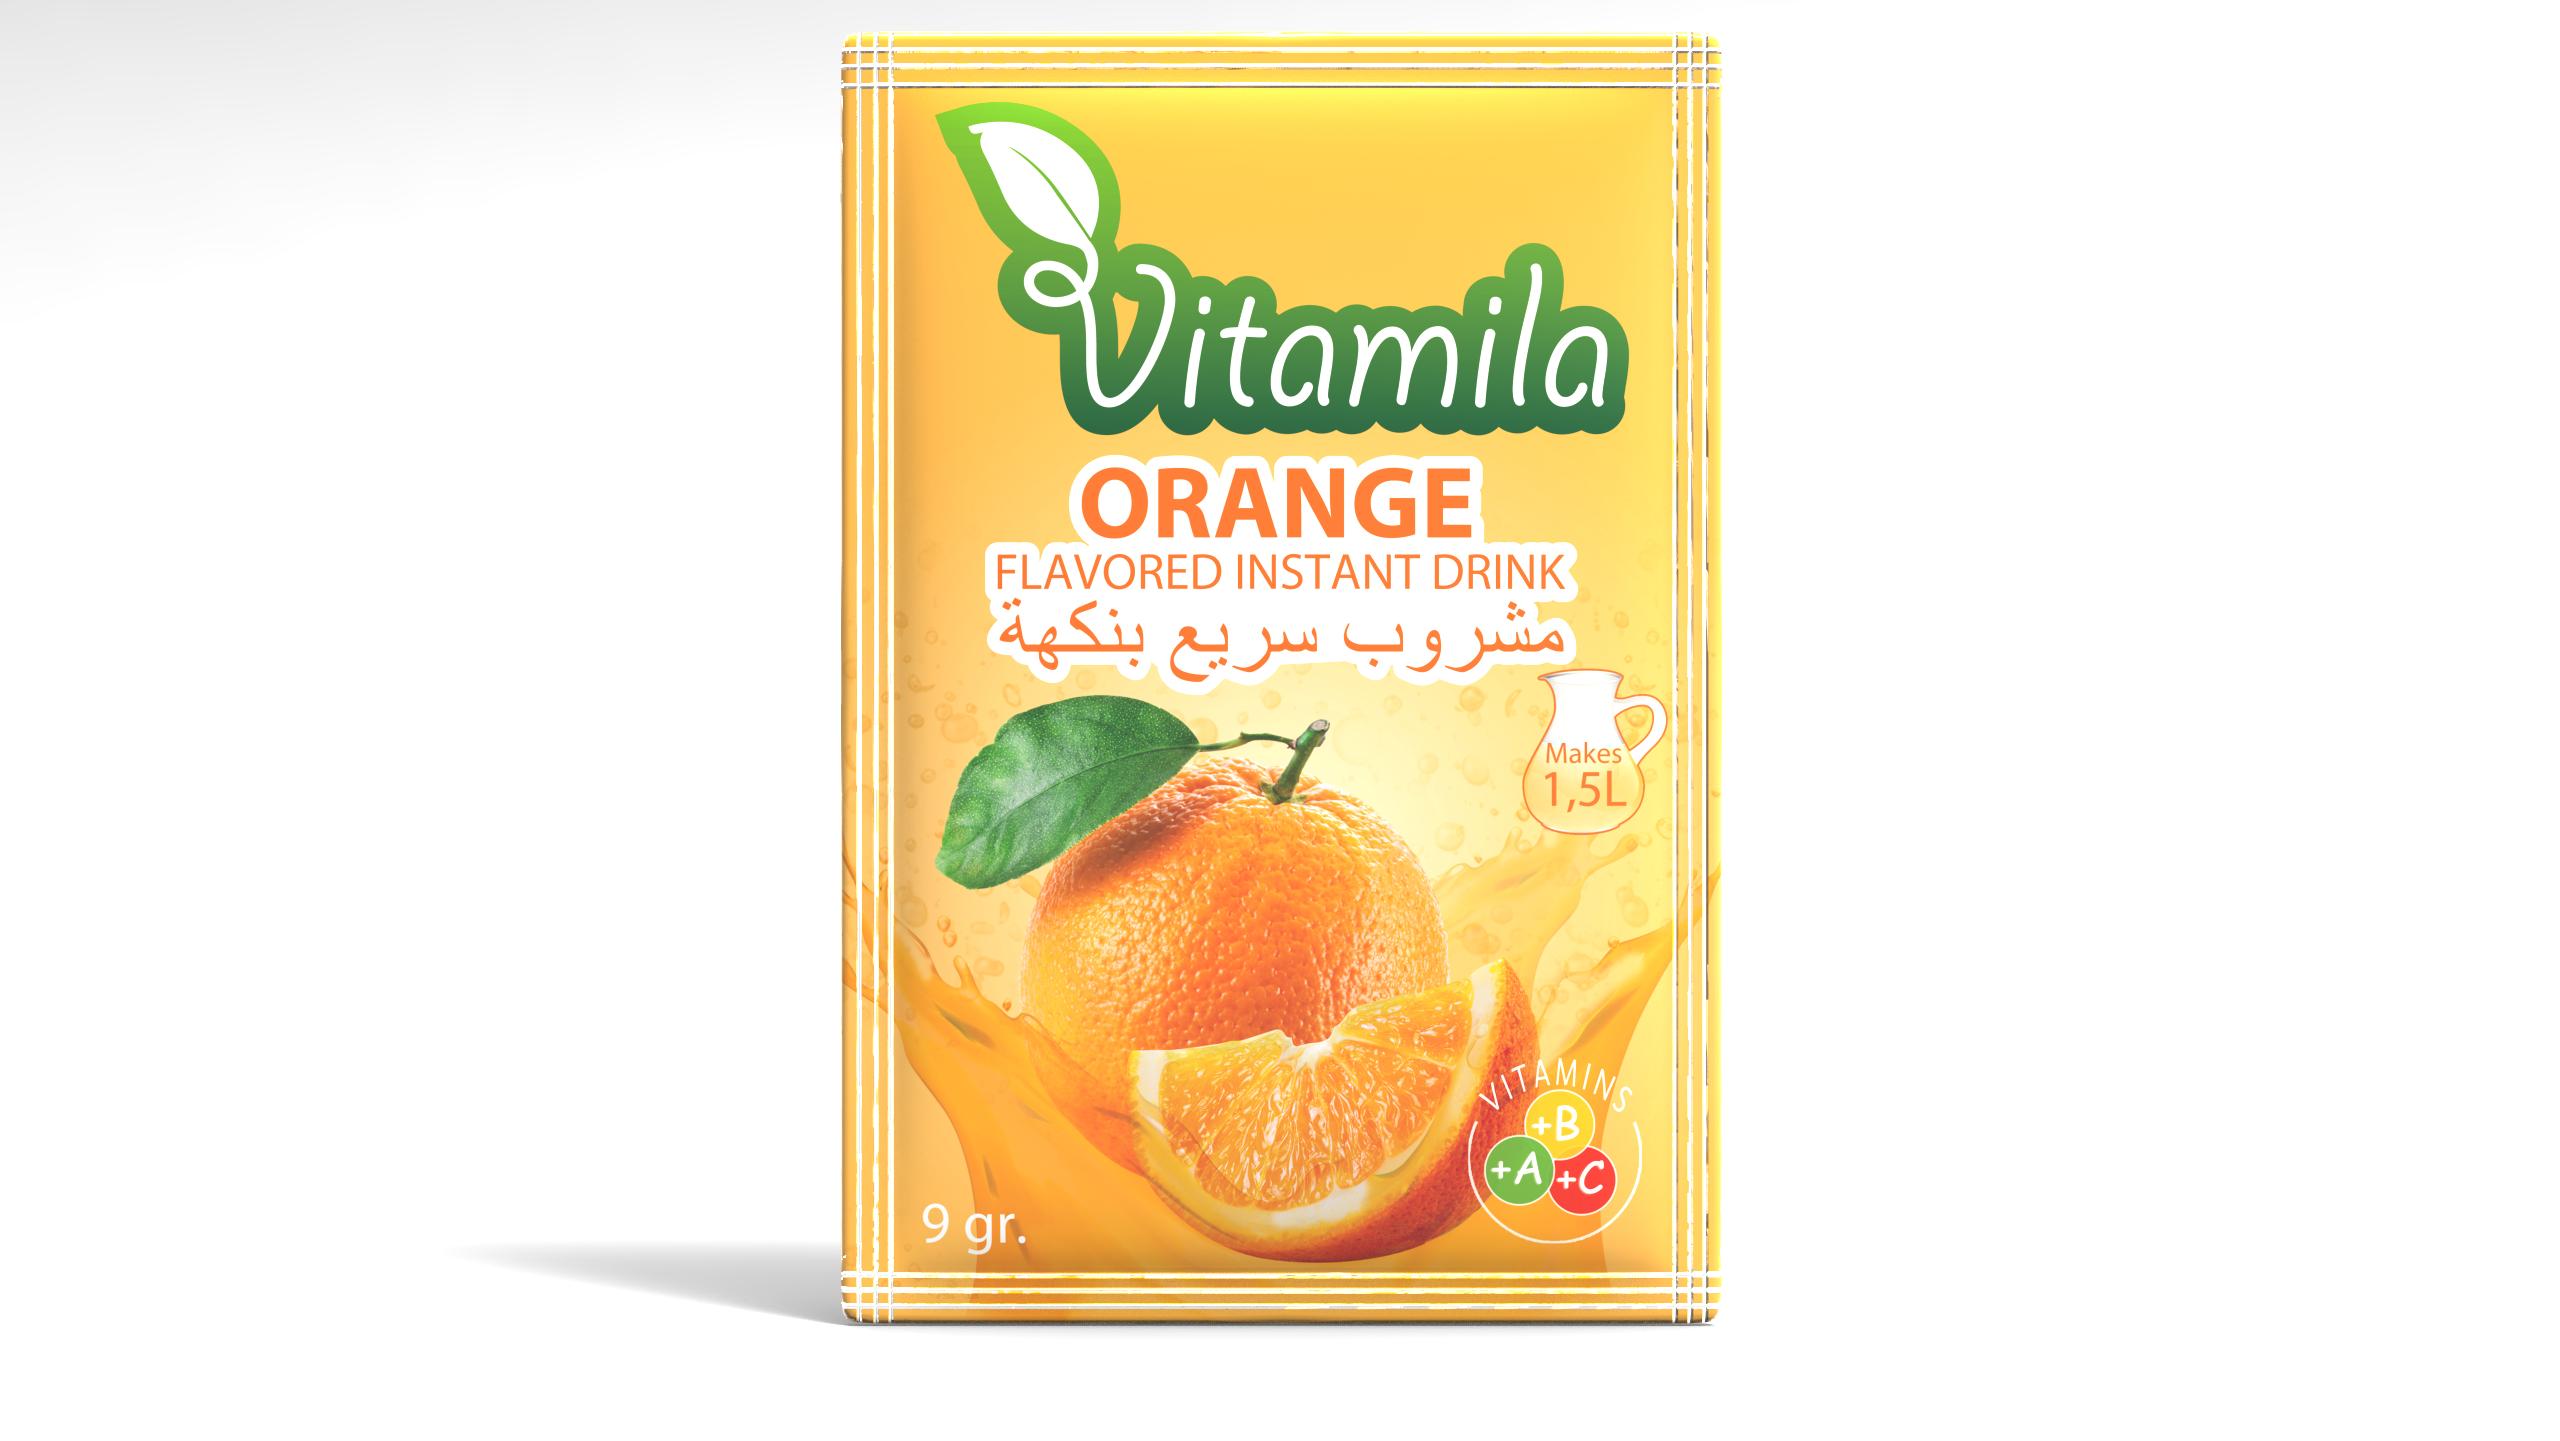 Vitamila - Orange Flavoured Instant Powder Drink - 9gr.